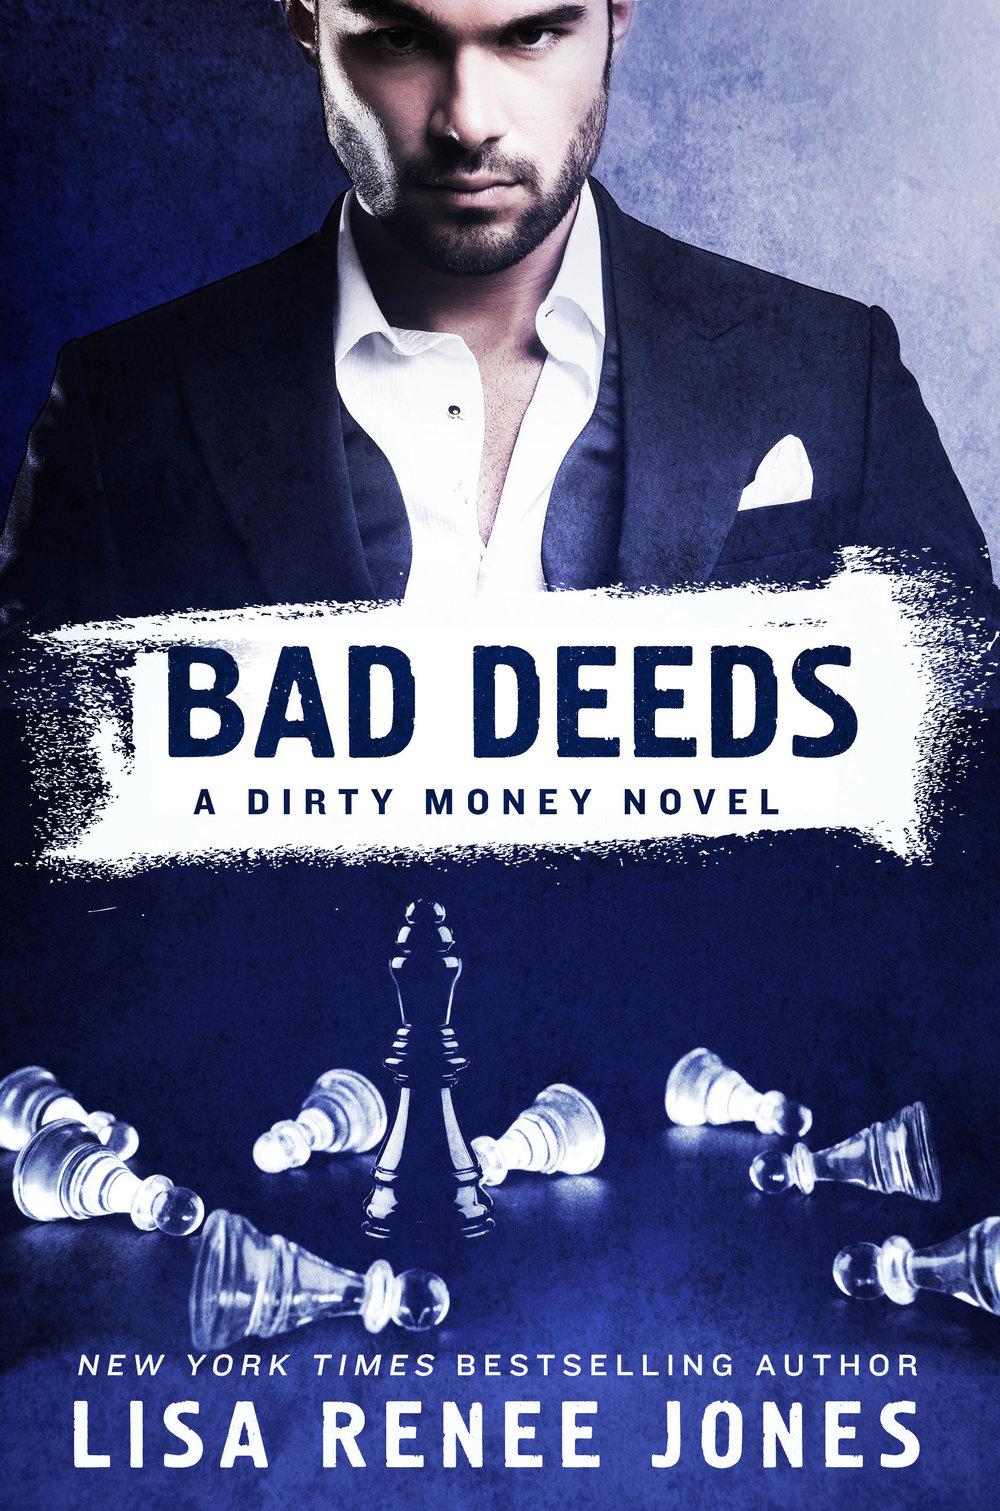 Bad Deeds cover.jpg